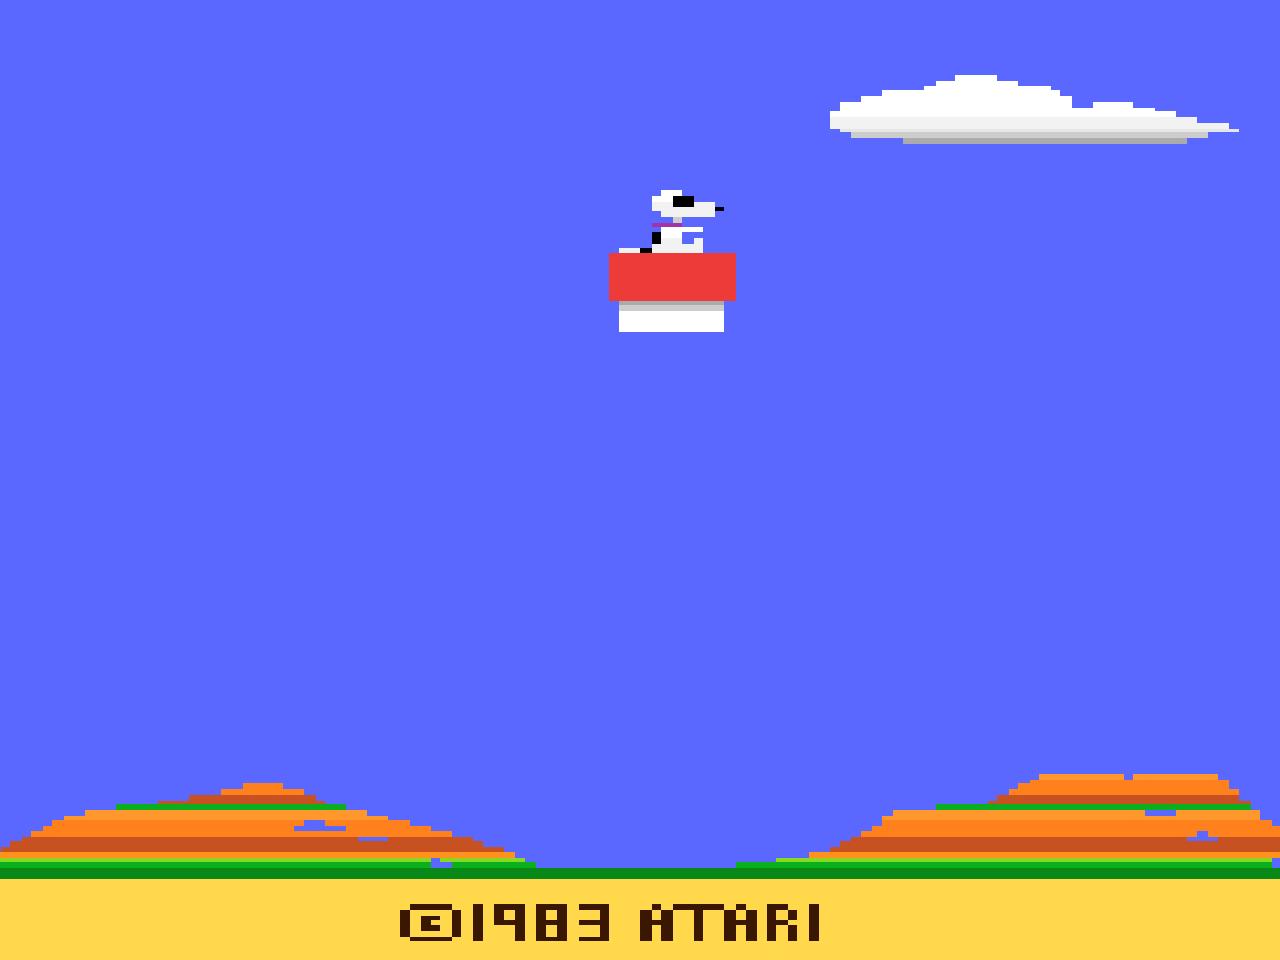 Snoopy auf Entspannungsflug. (Bild: Atari)